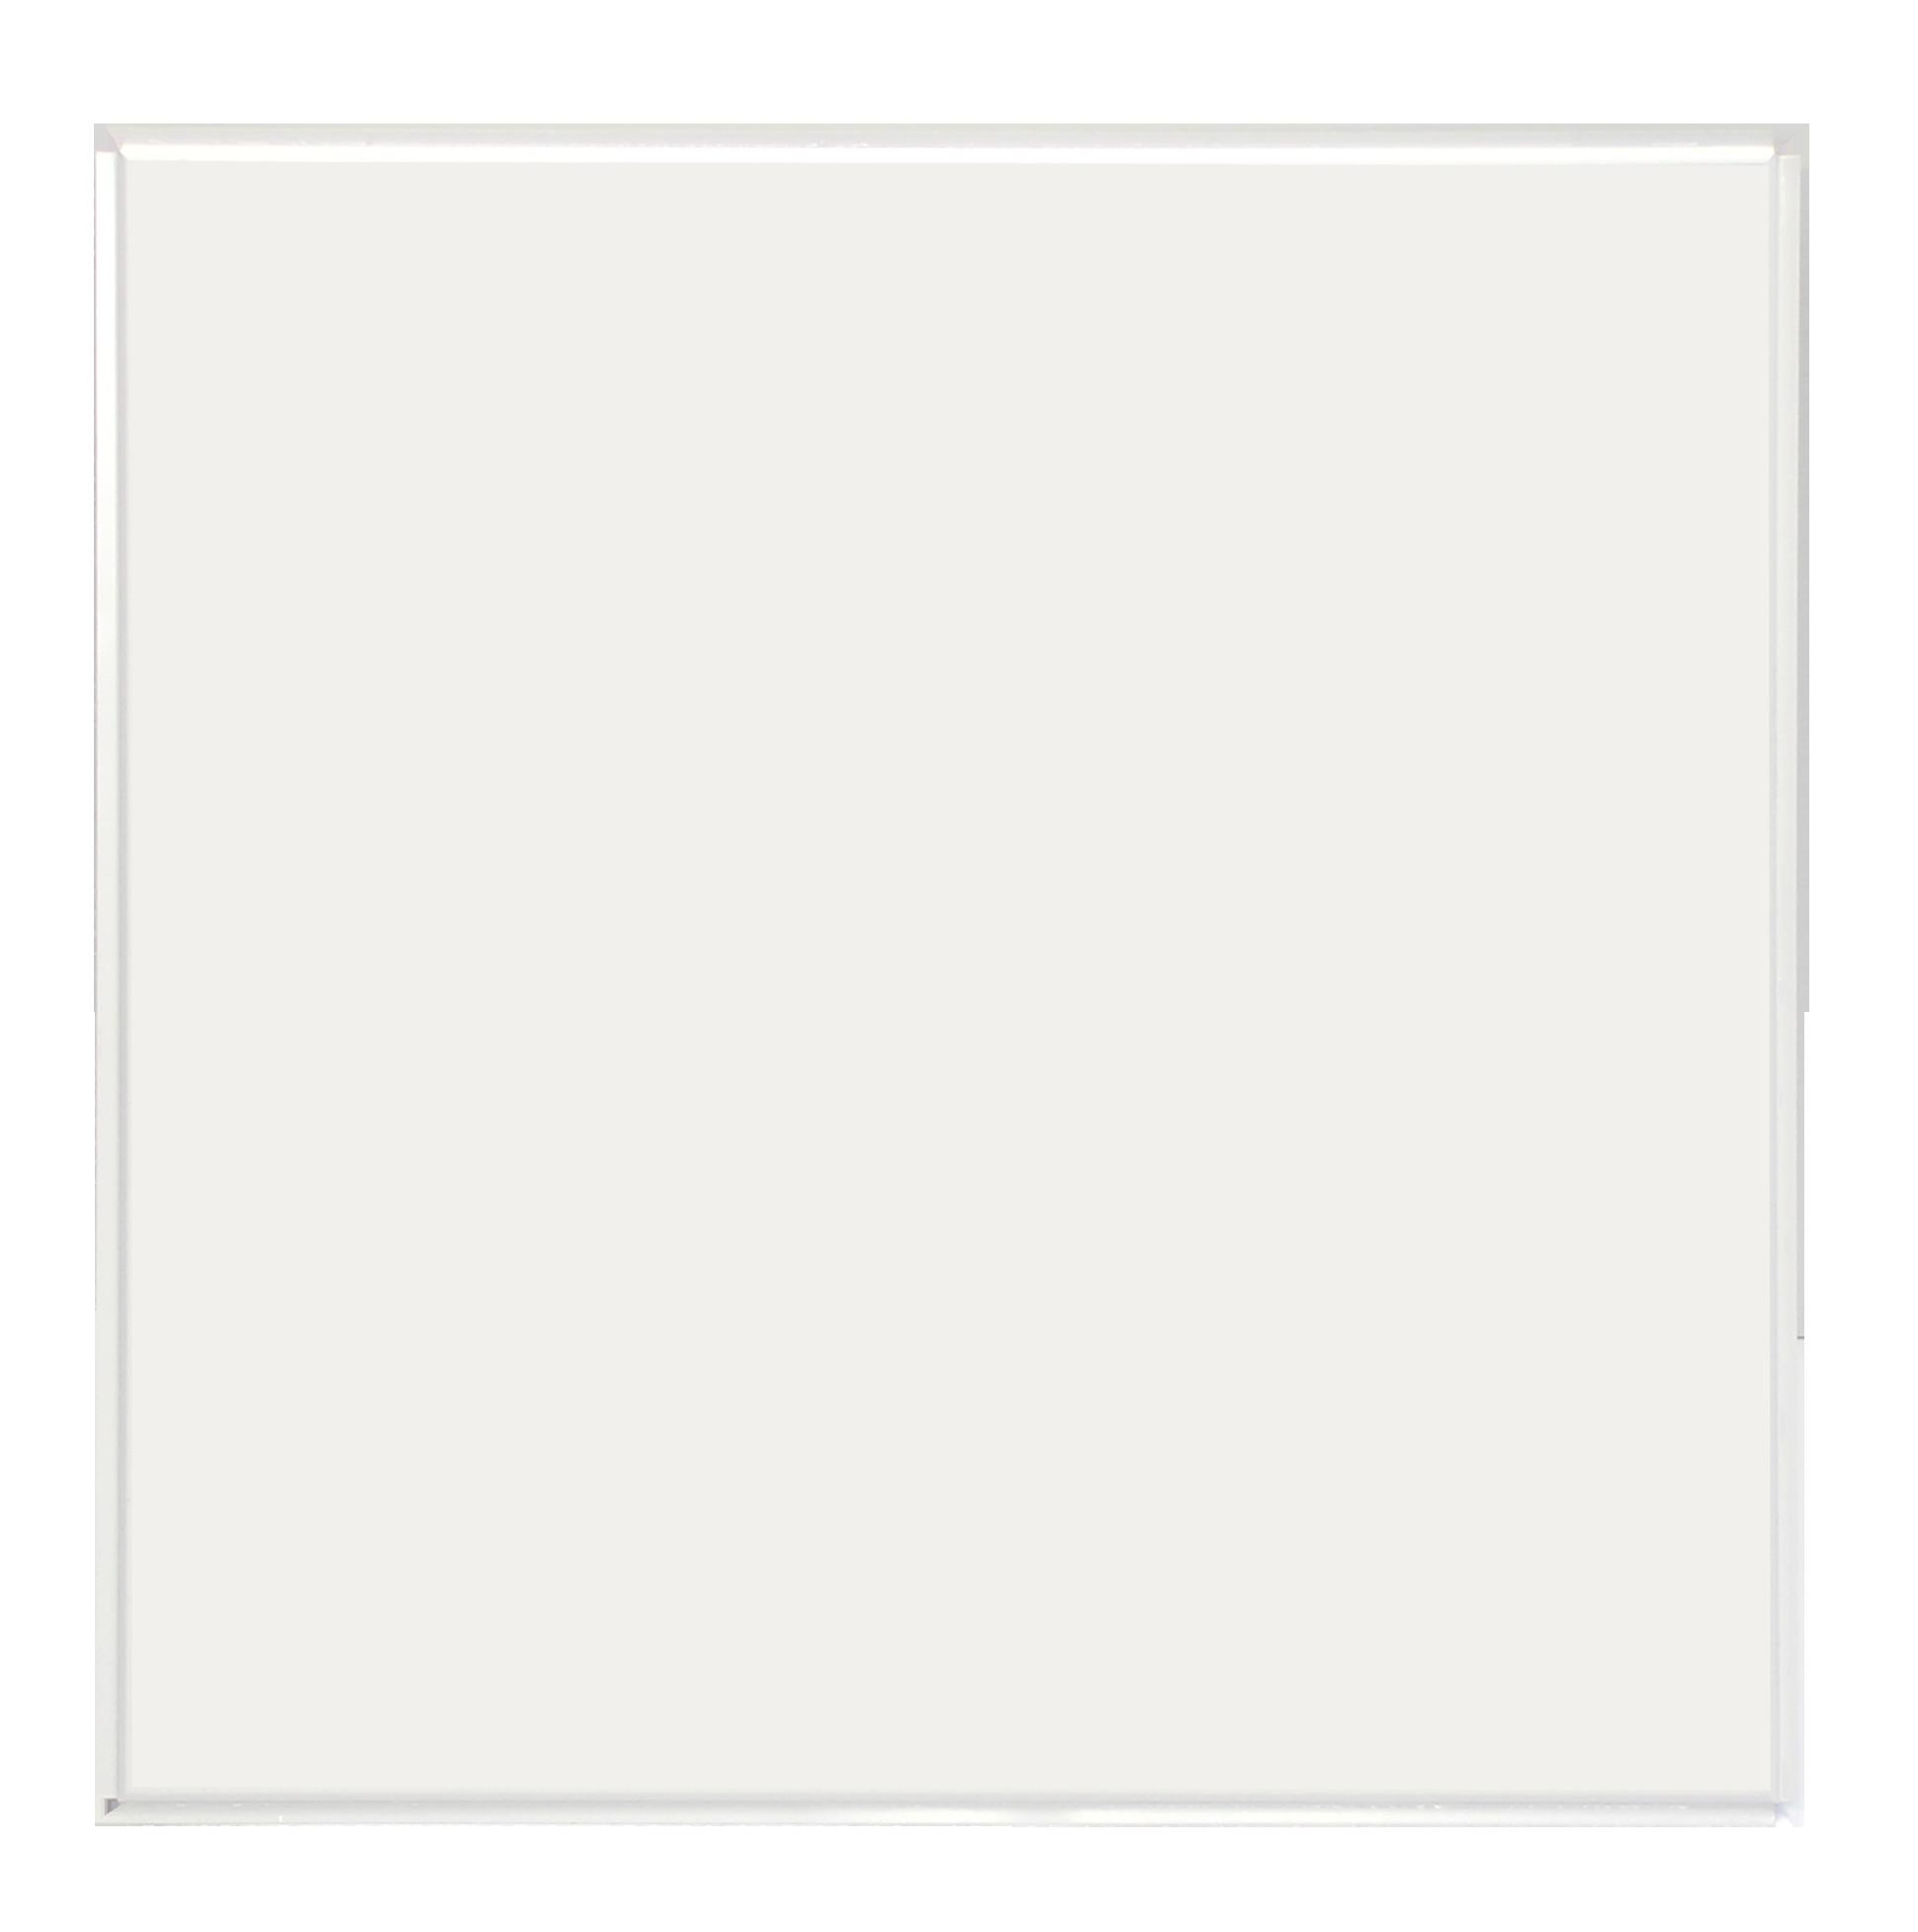 Плита к подвесному потолку кассетная  Албес (кромка Tegular) 600х600 мм белая стальная